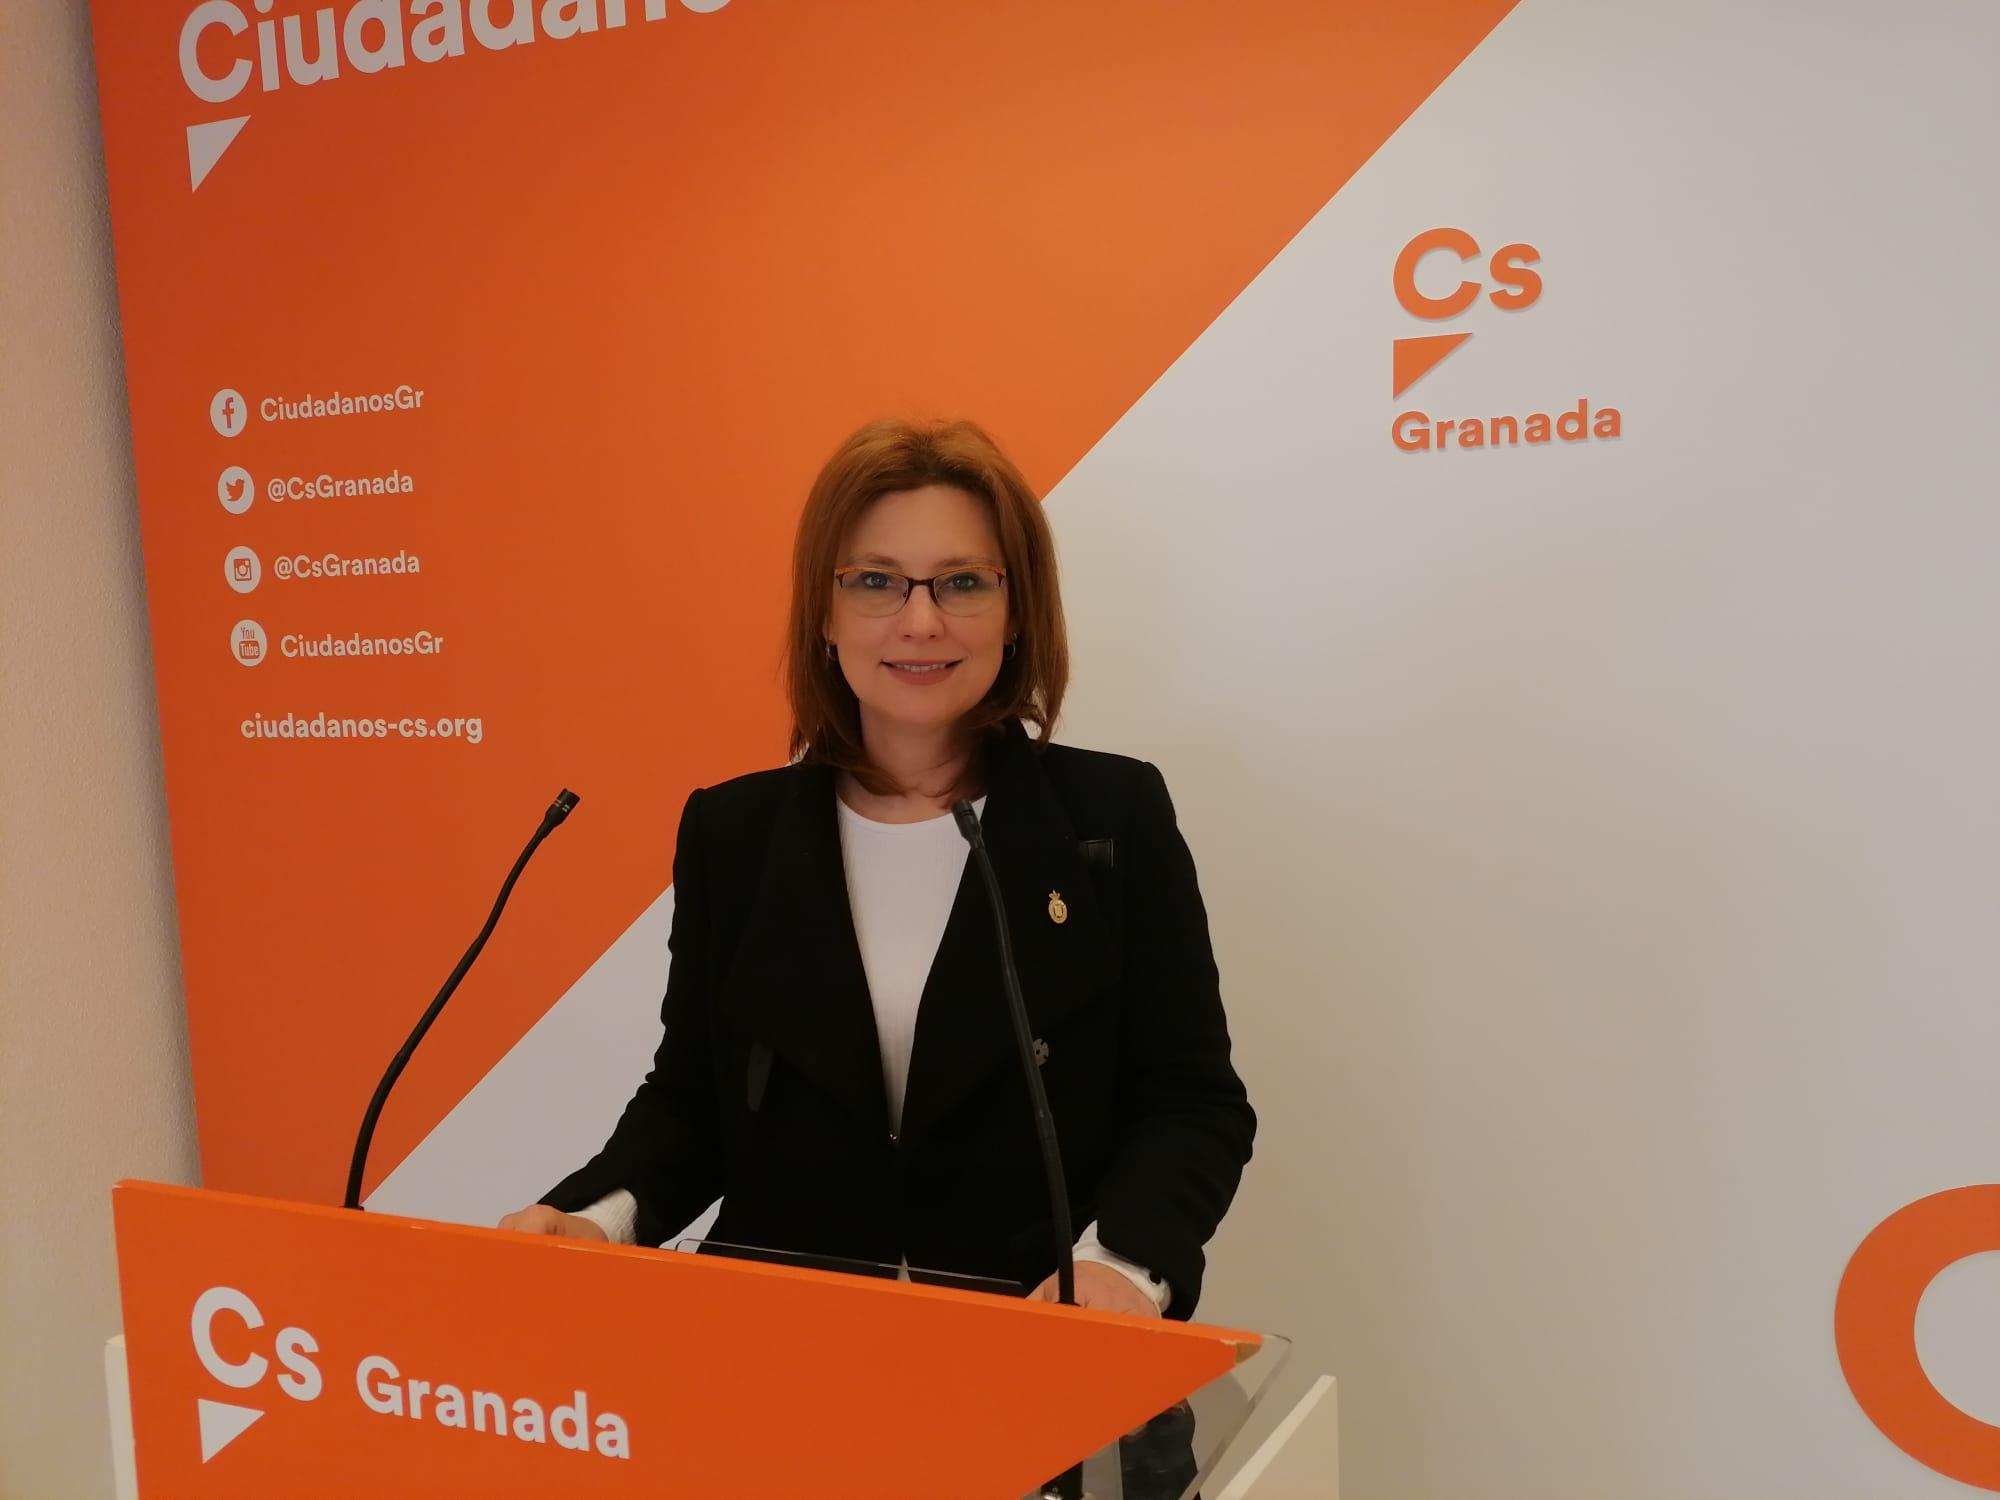 """Ciudadanos propone al Parlamento Andaluz el reconocimiento """"explícito y unánime"""" a la labor docente durante la pandemia"""